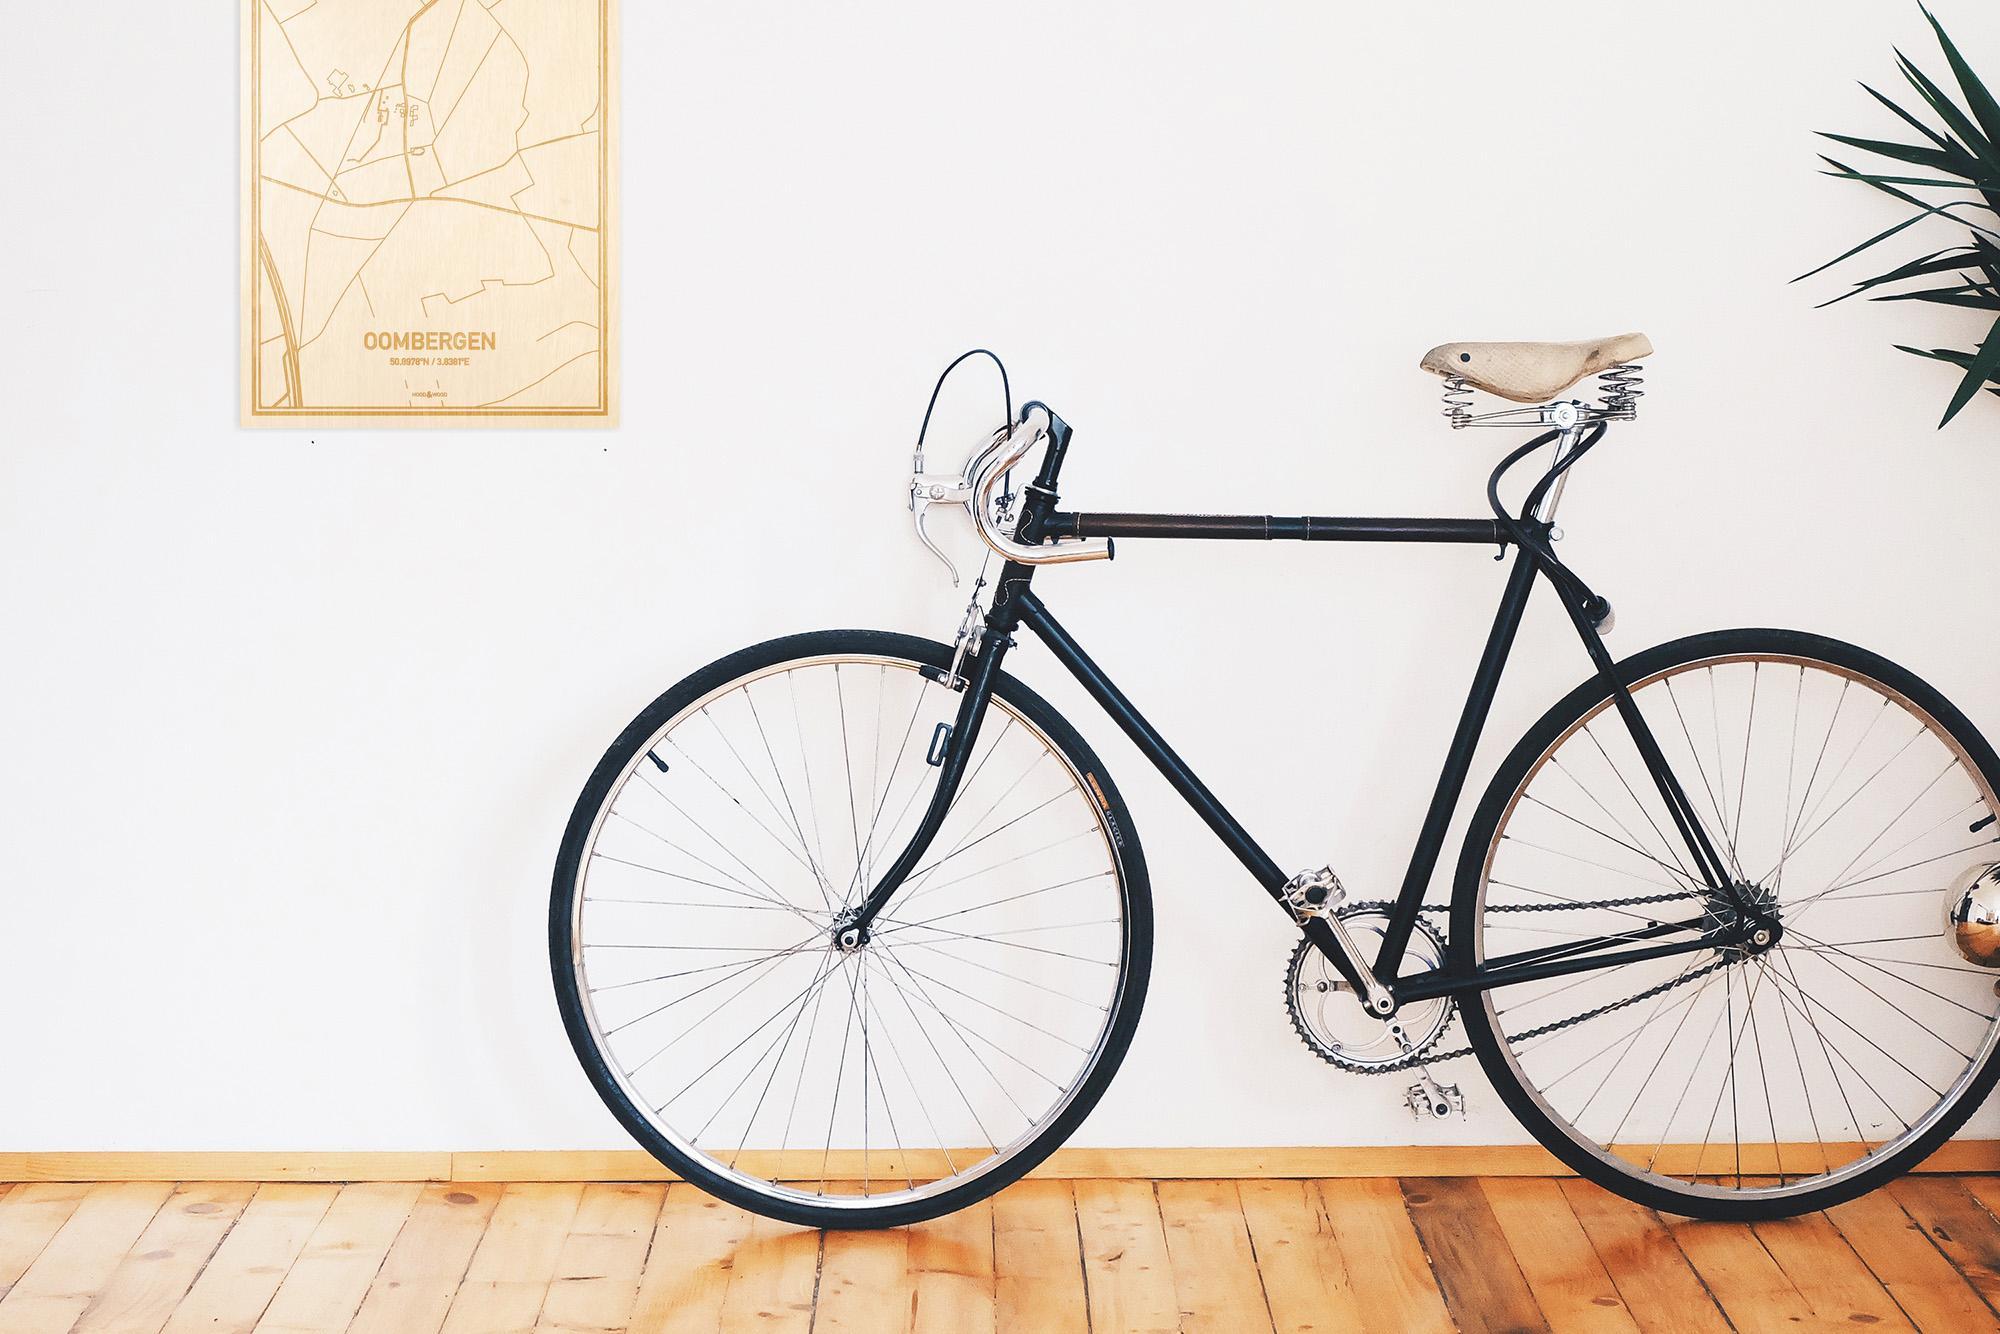 Een snelle fiets in een uniek interieur in Oost-Vlaanderen  met mooie decoratie zoals de plattegrond Oombergen.